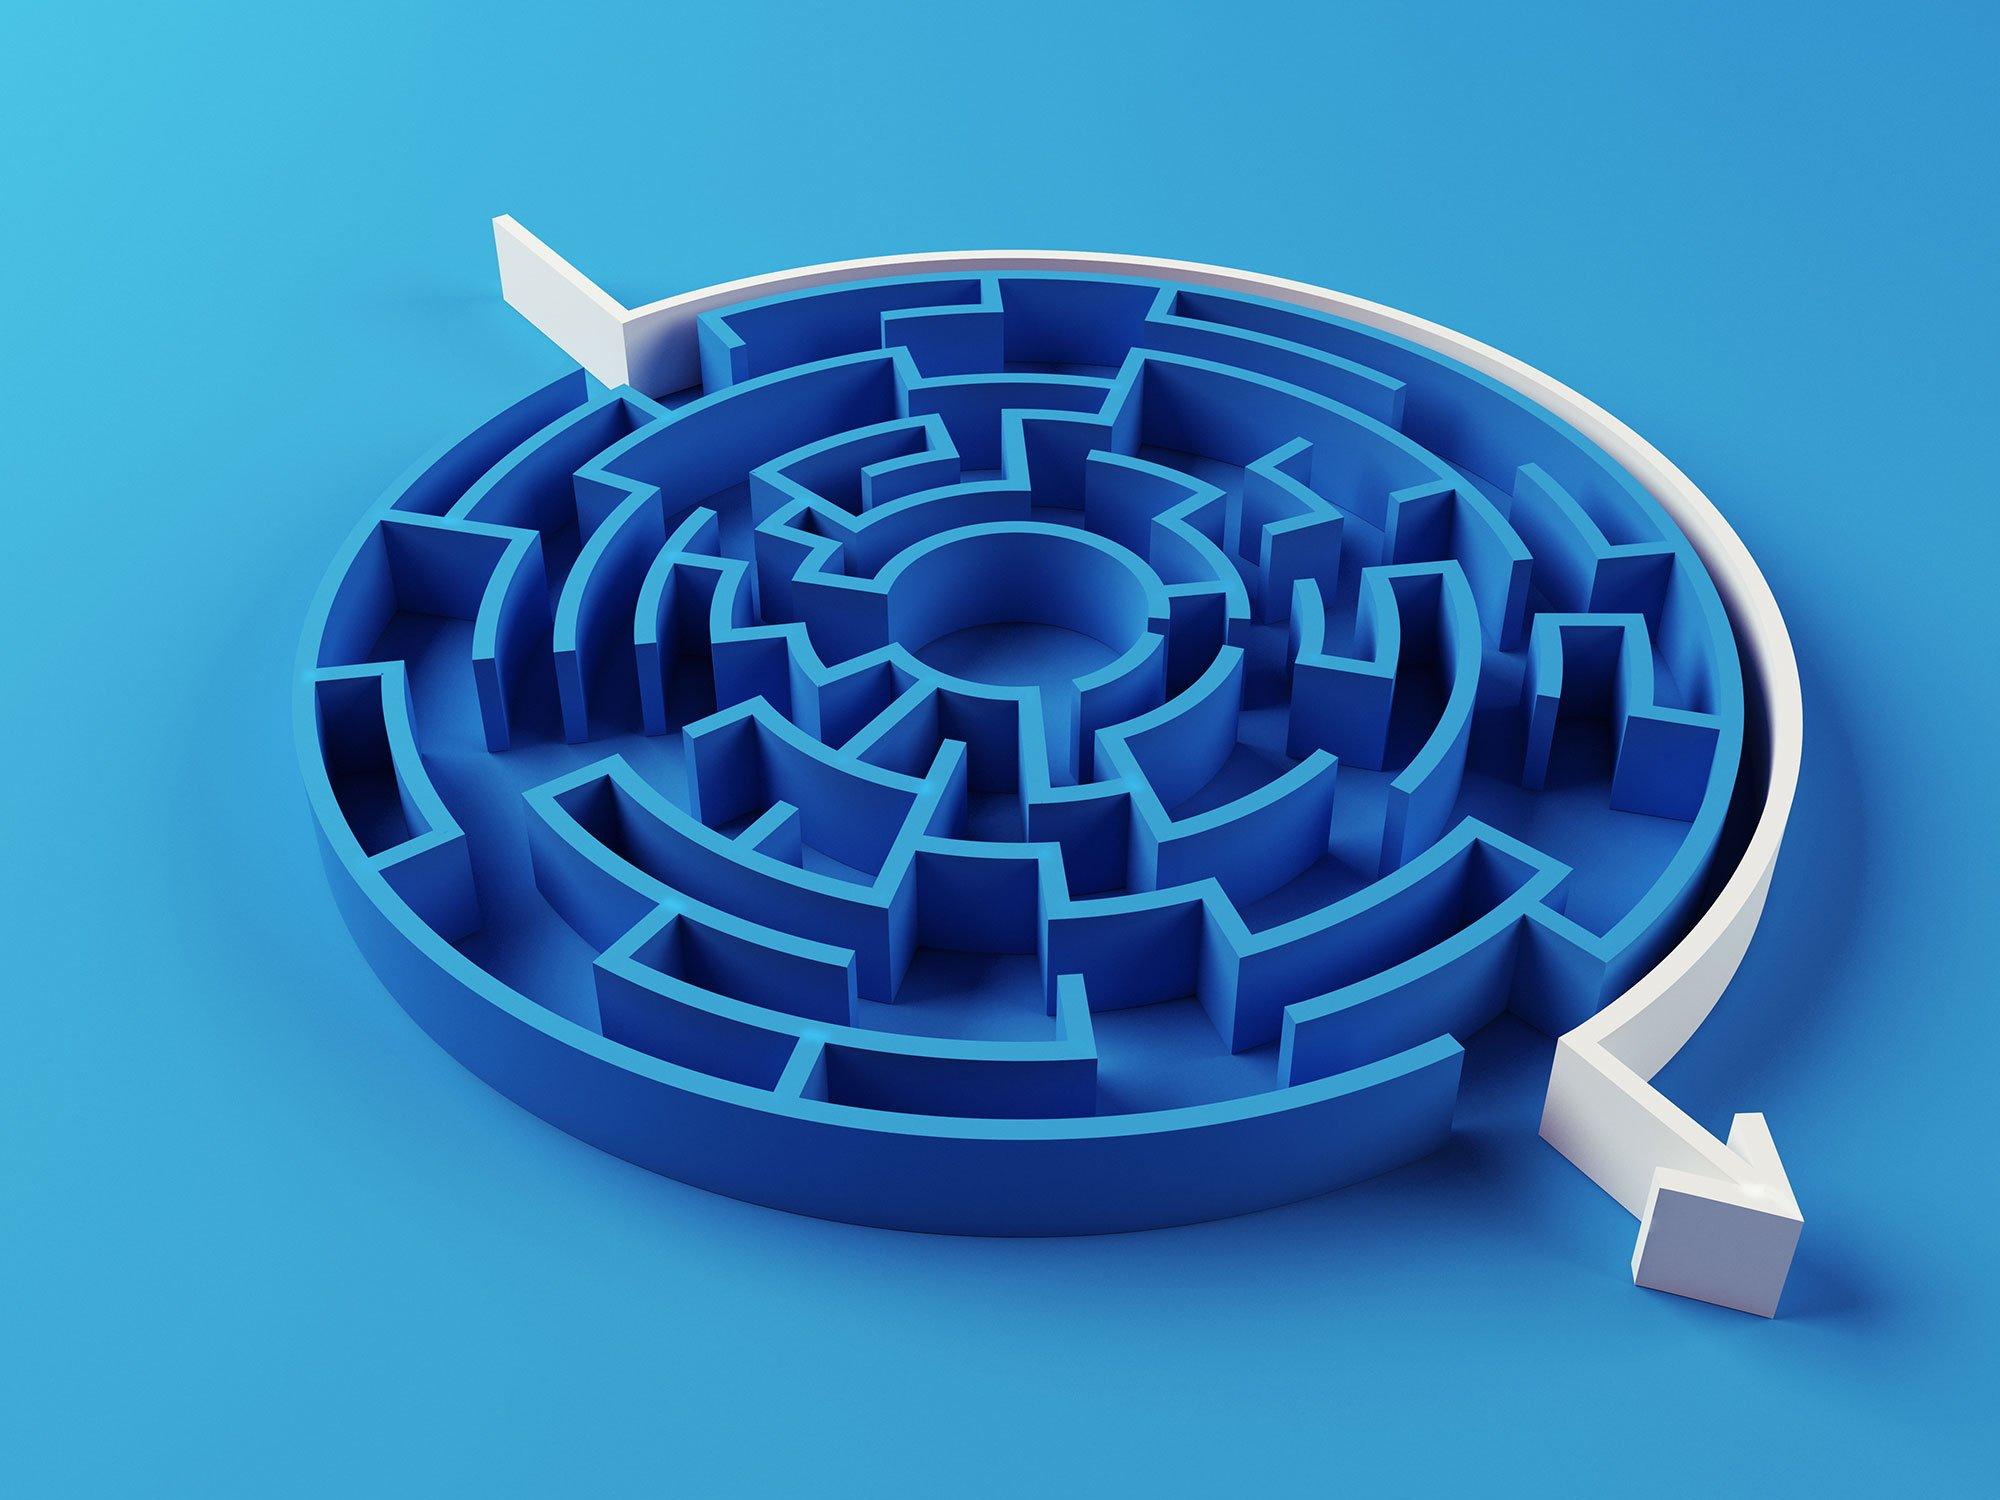 maze-puzzle-solved-go-around